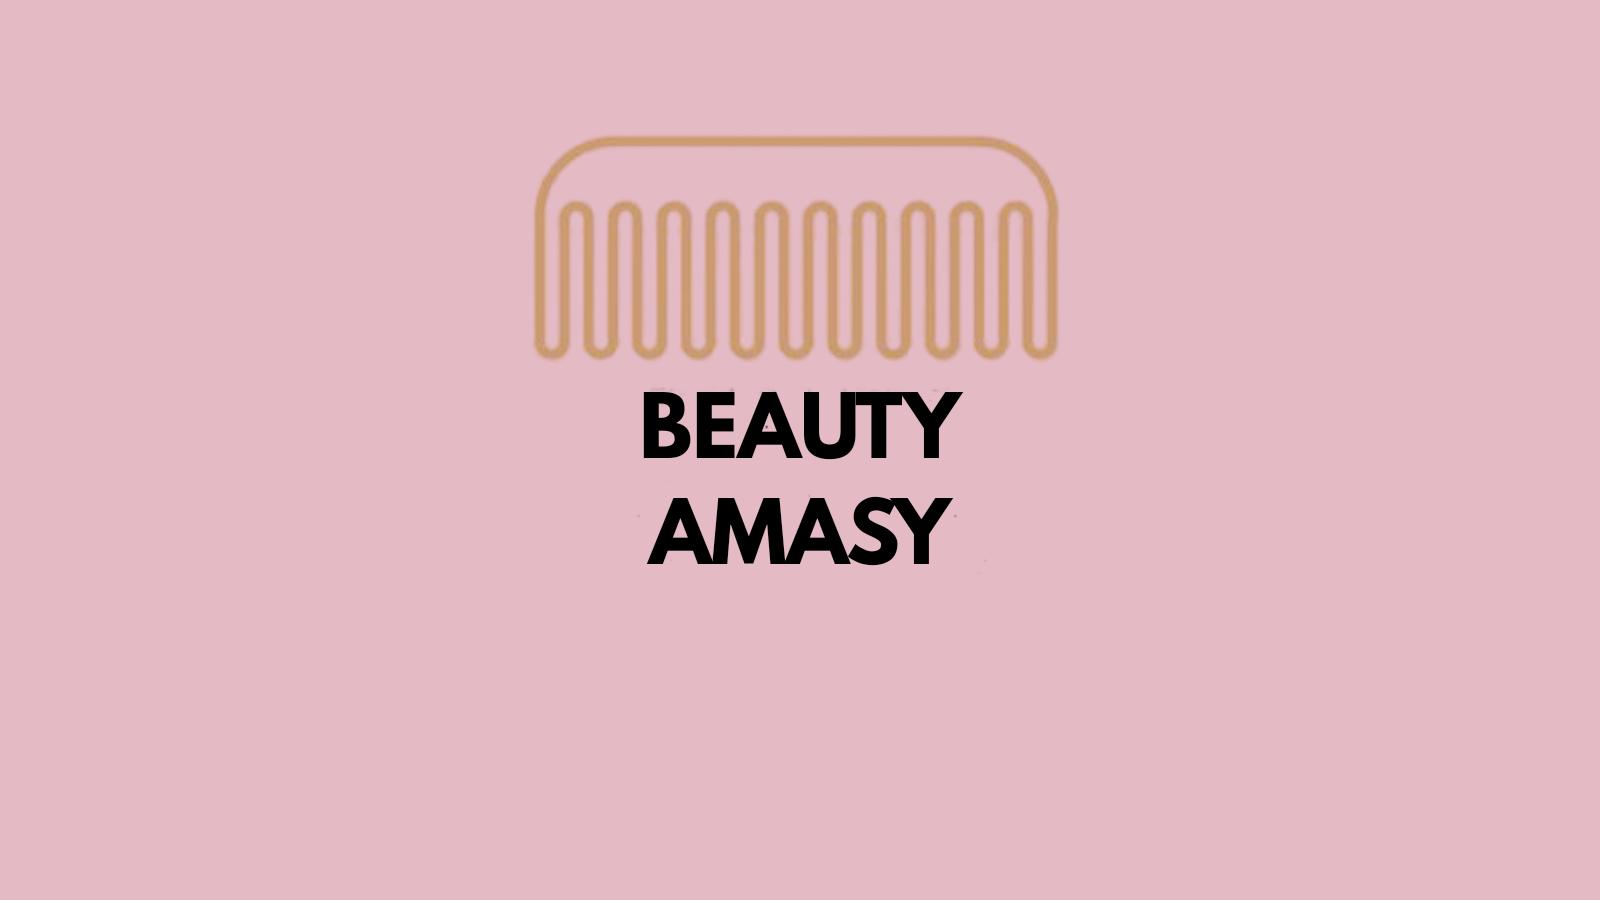 beauty amasy